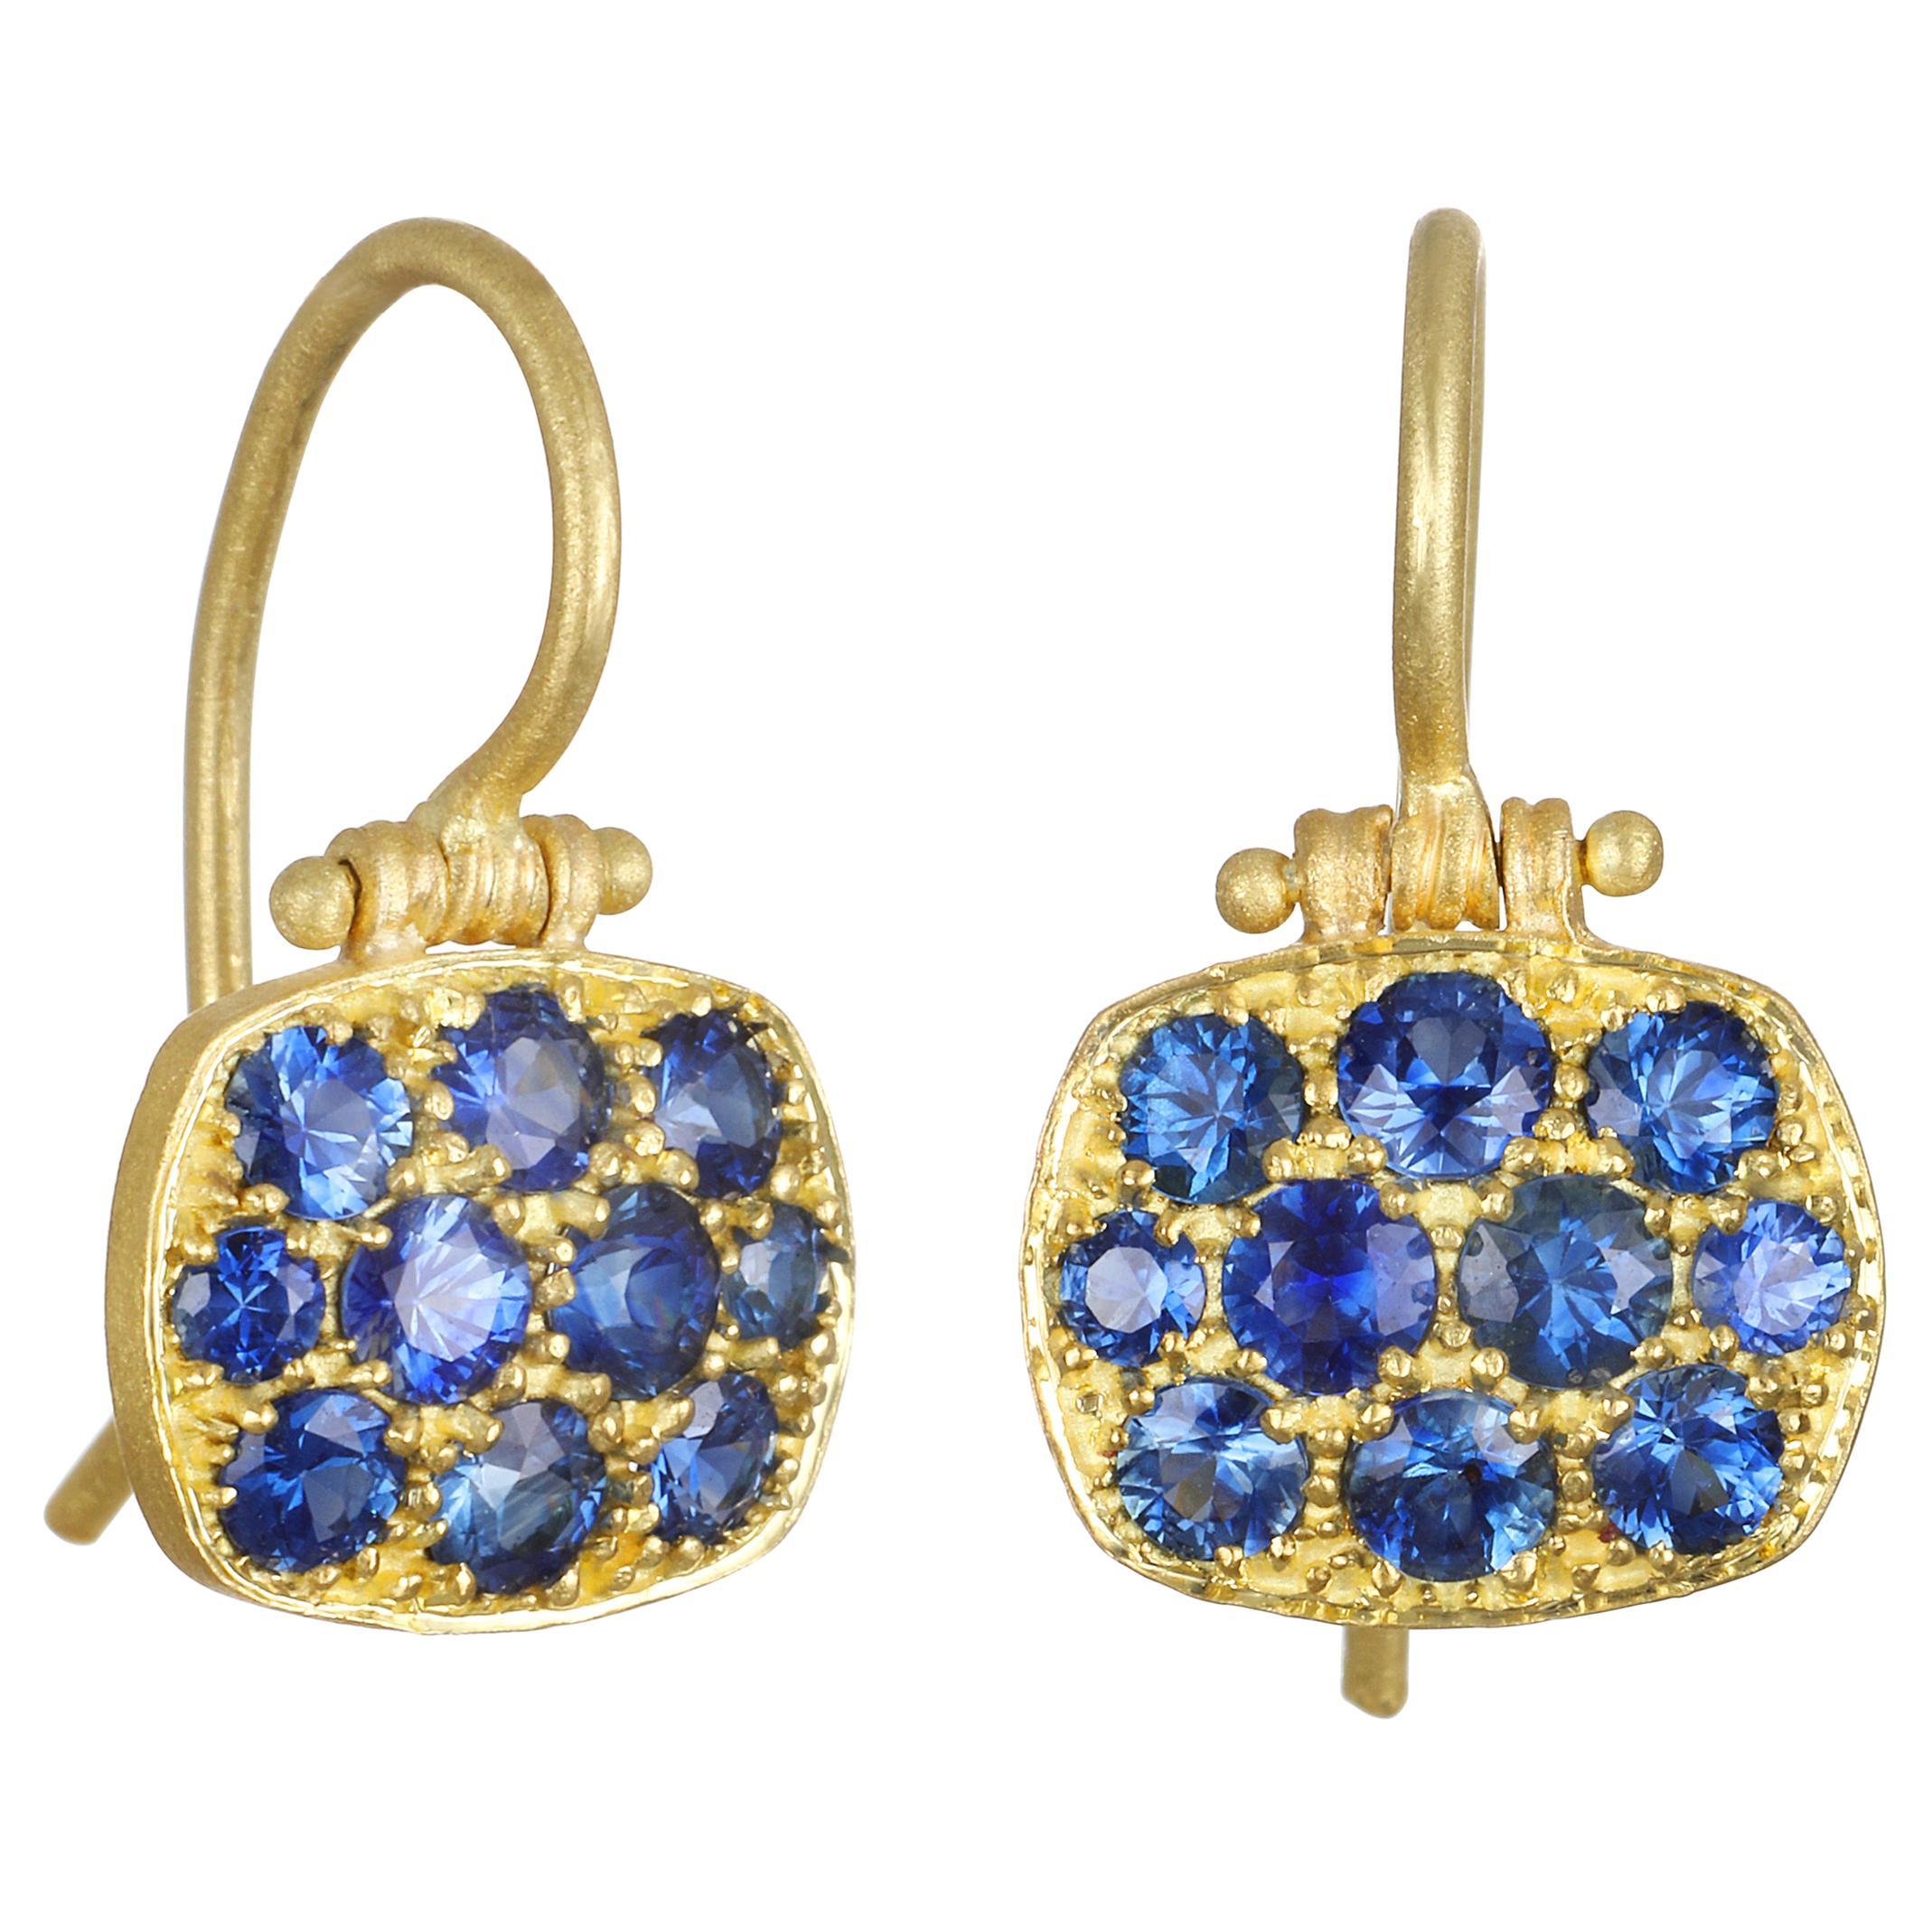 Faye Kim 18 Karat Blue Sapphire Chiclet Earrings